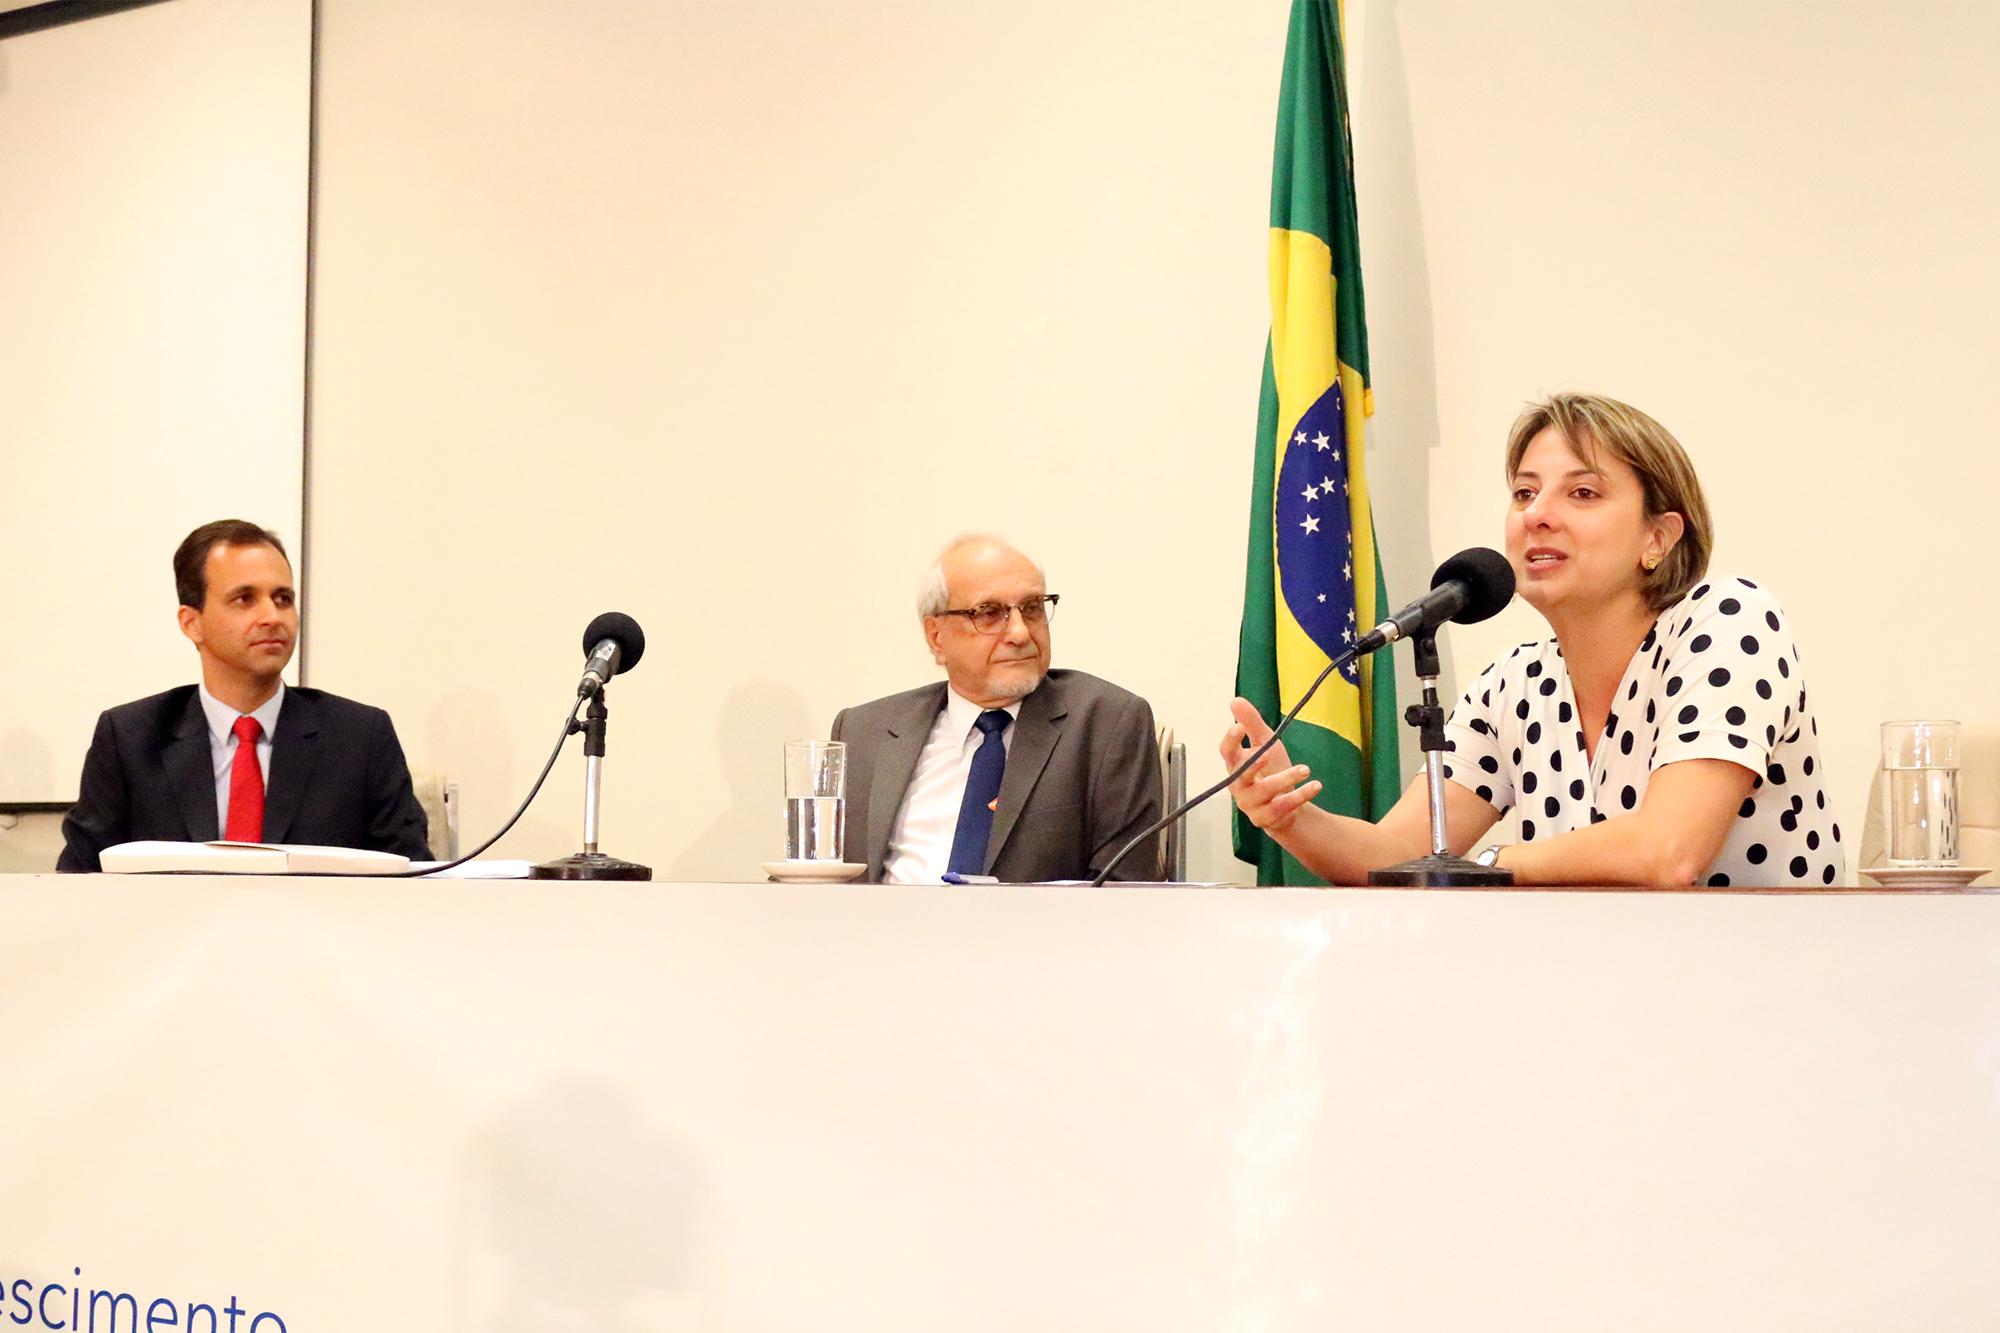 A Diretora de Assuntos Jurídicos da ANESP, Patrícia Parra, foi a moderadora da mesa que contou com a palestra do EPPGG Cristiano Heckert, à esquerda. Foto: Filipe Calmon / ANESP